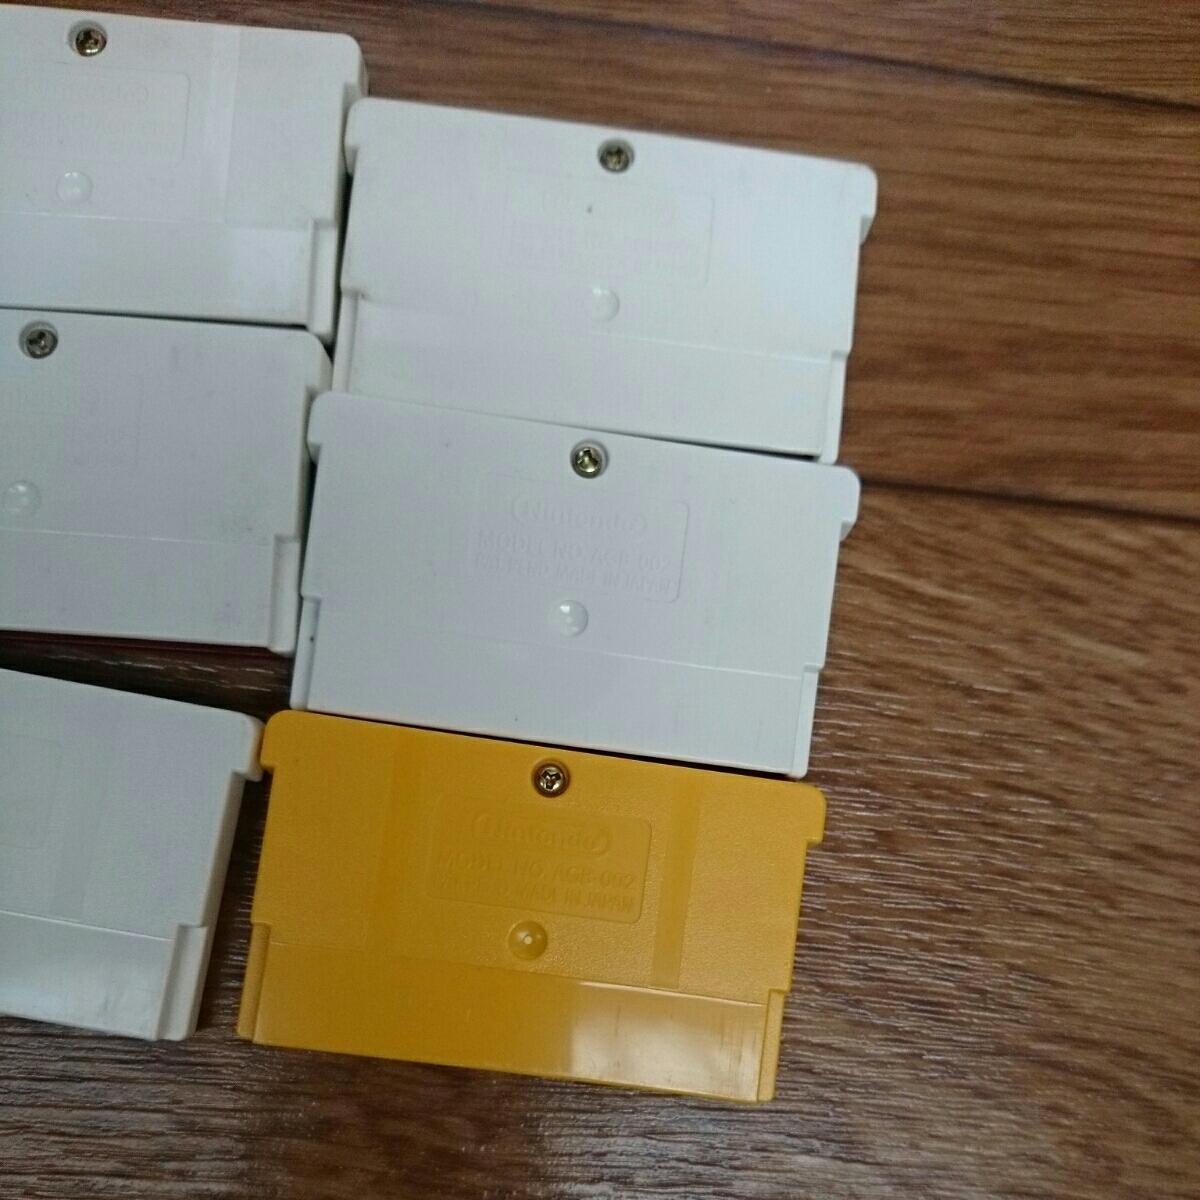 【1円スタート】ゲームボーイアドバンス ファミコンミニ まとめ売り【動作OK】_画像9